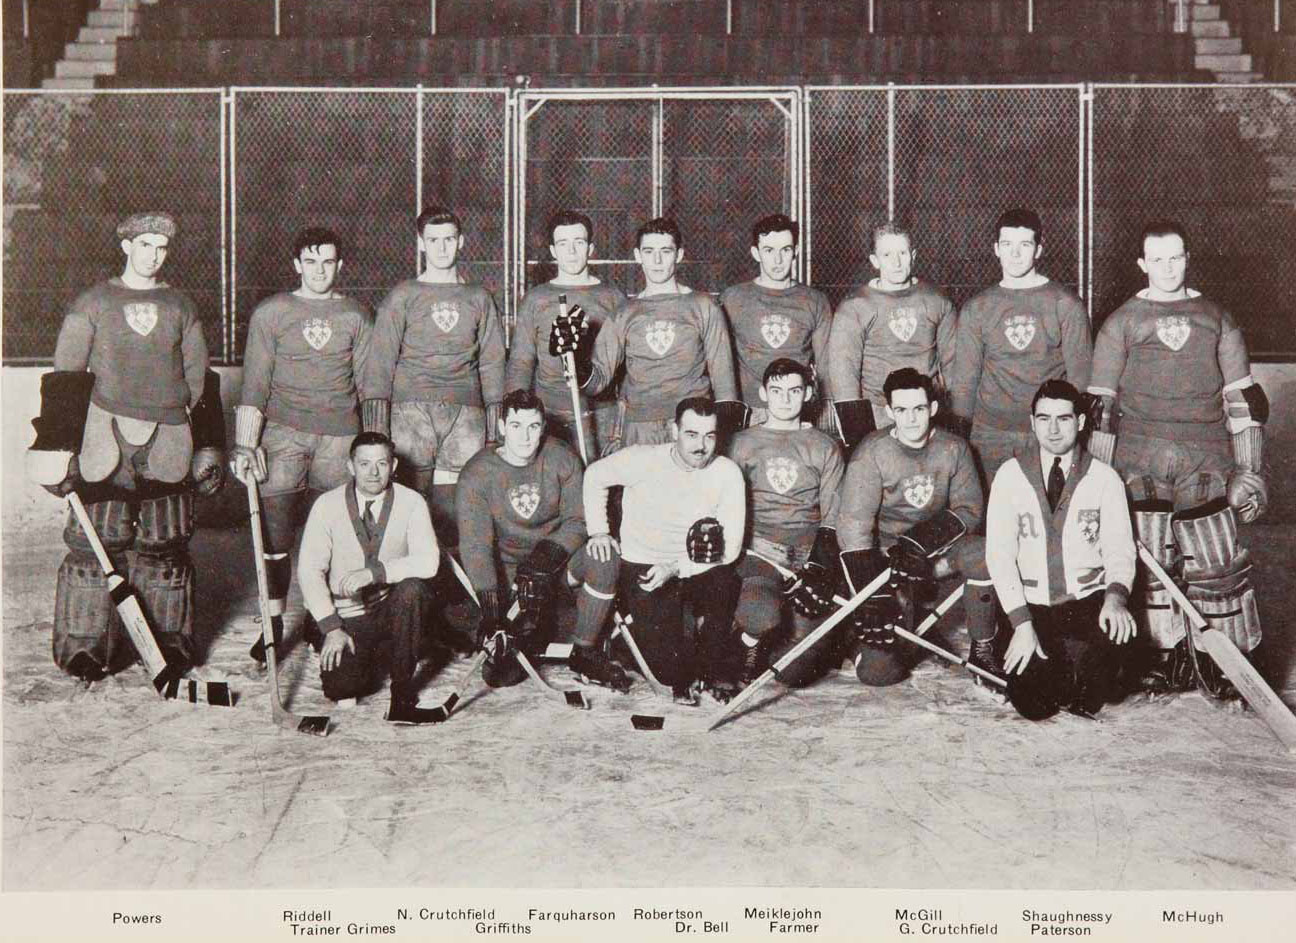 1932-33 CIAU Season